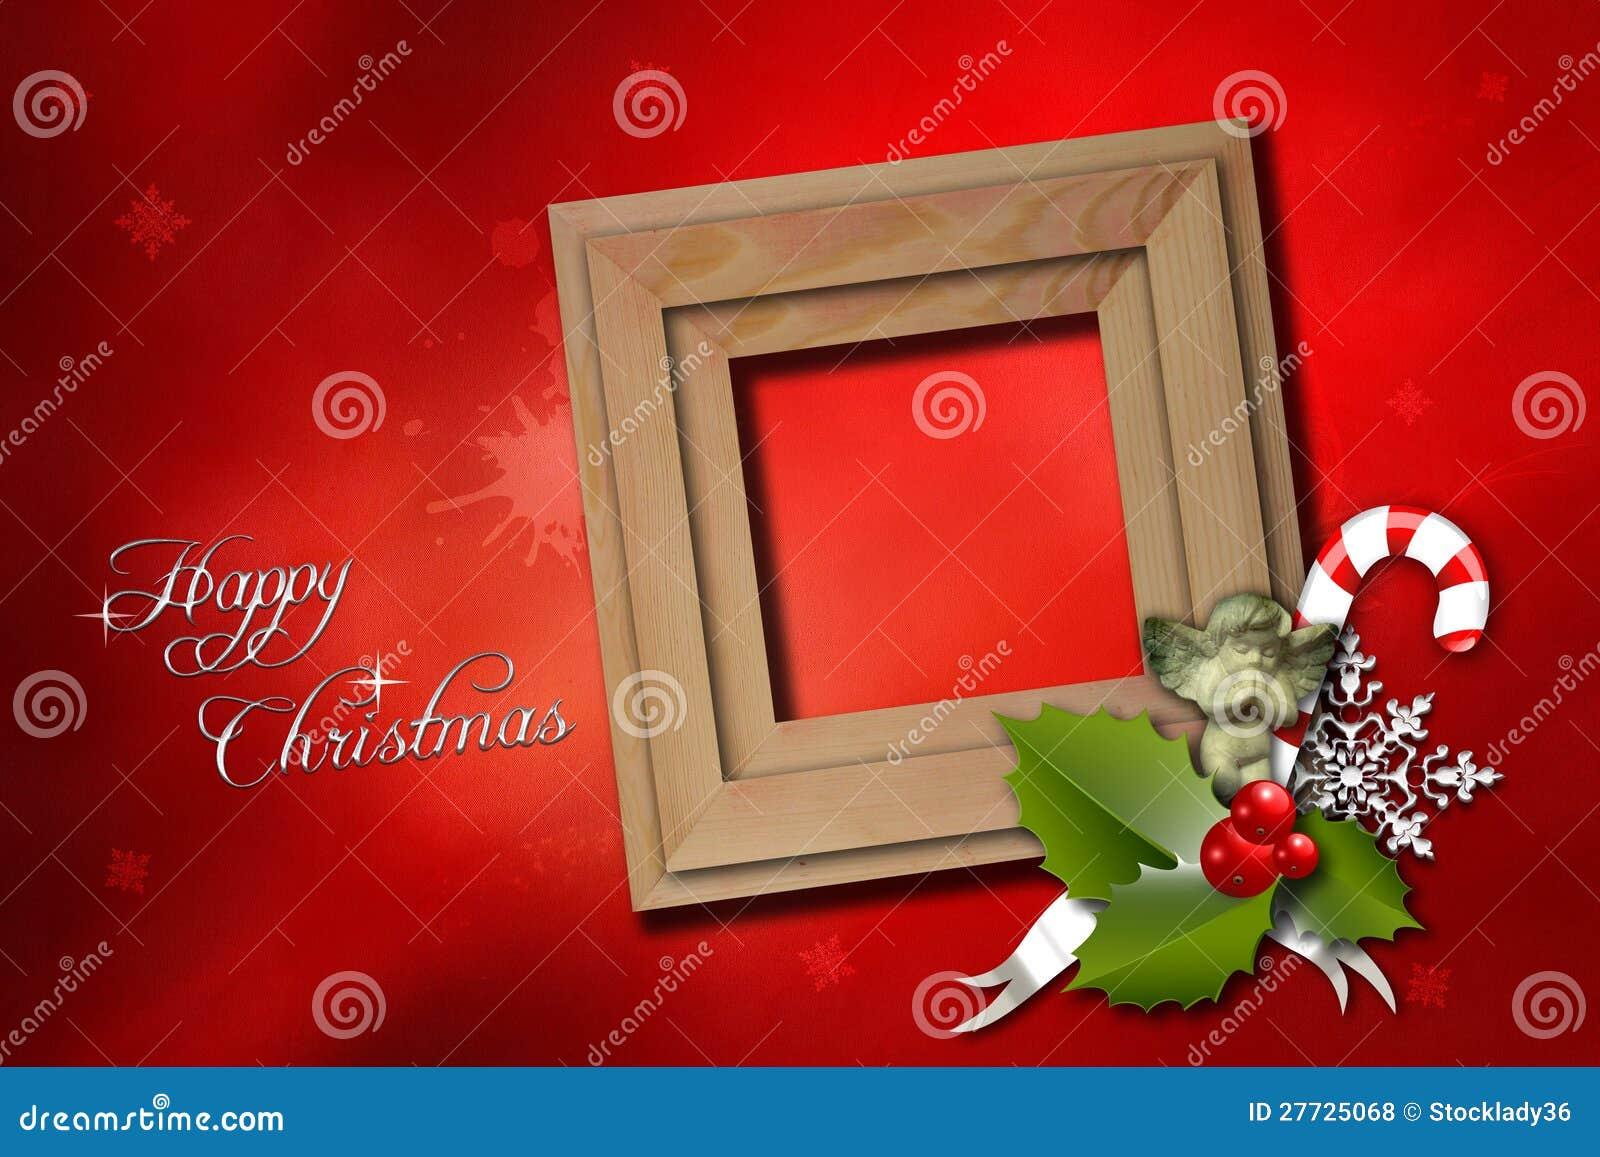 Weihnachtsfeiertagshintergrund